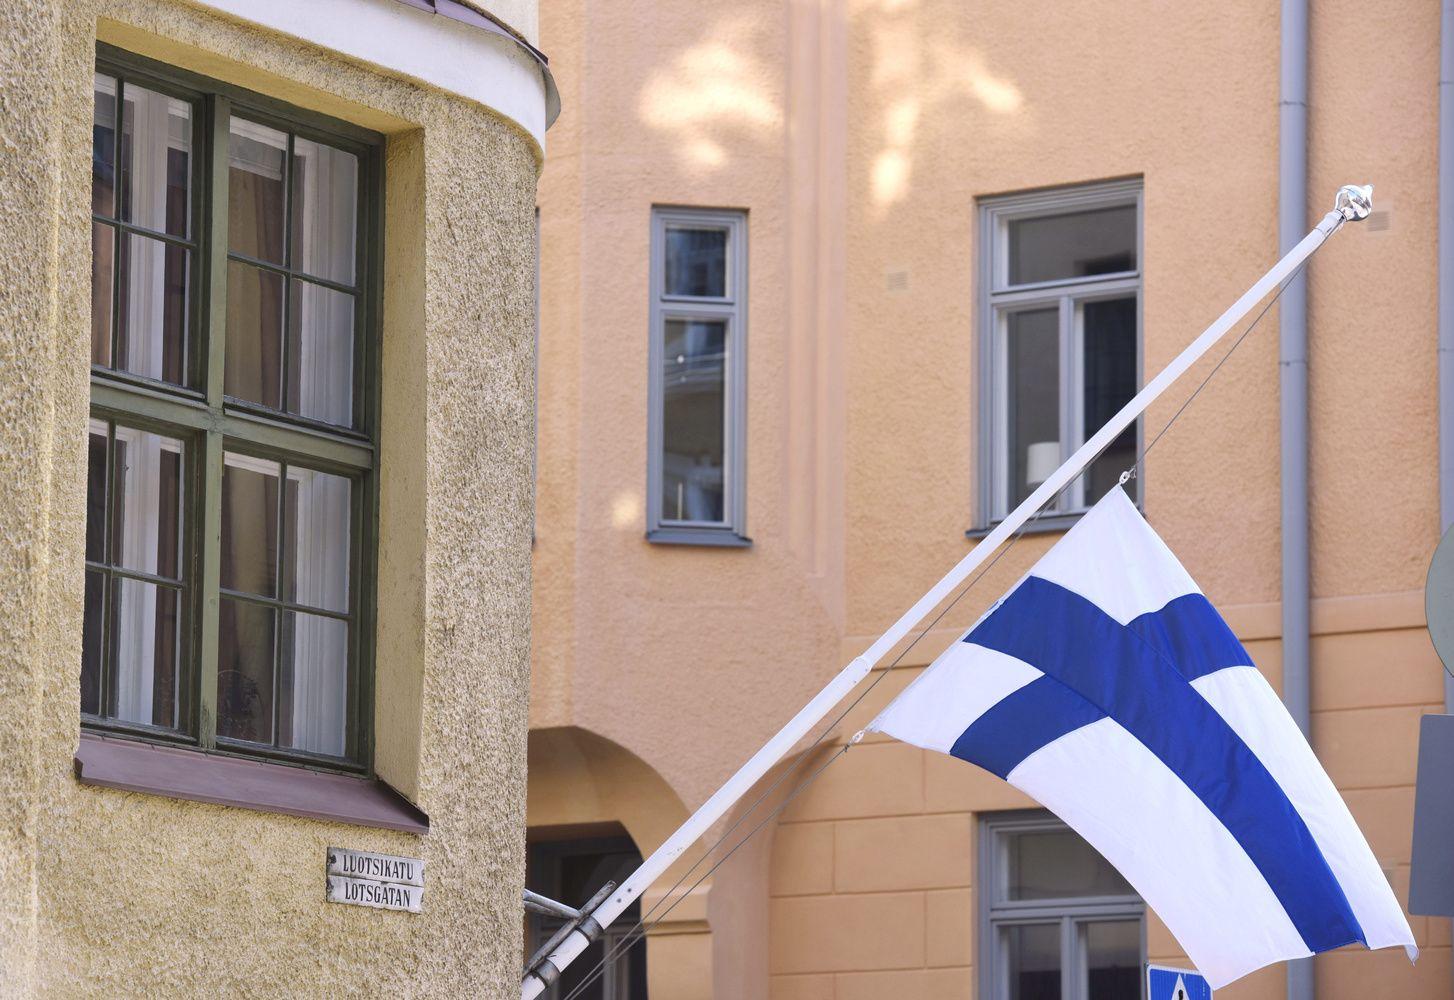 Suomijoje policija pašovė peiliu žmones badžiusį vyrą